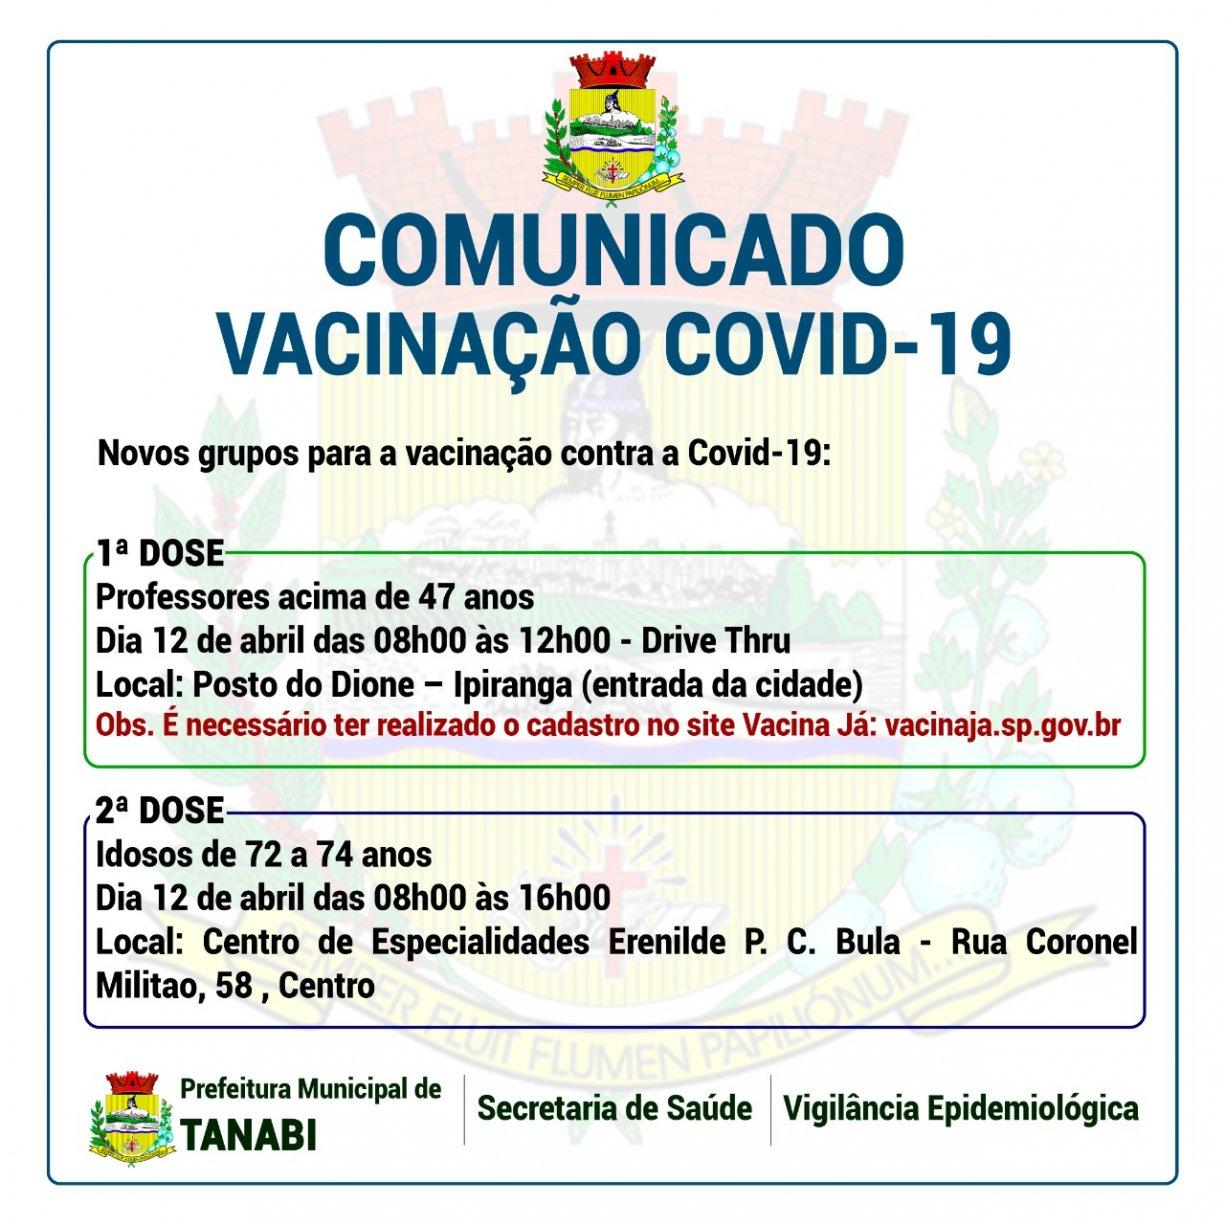 Novas datas para vacinação - COVID-19